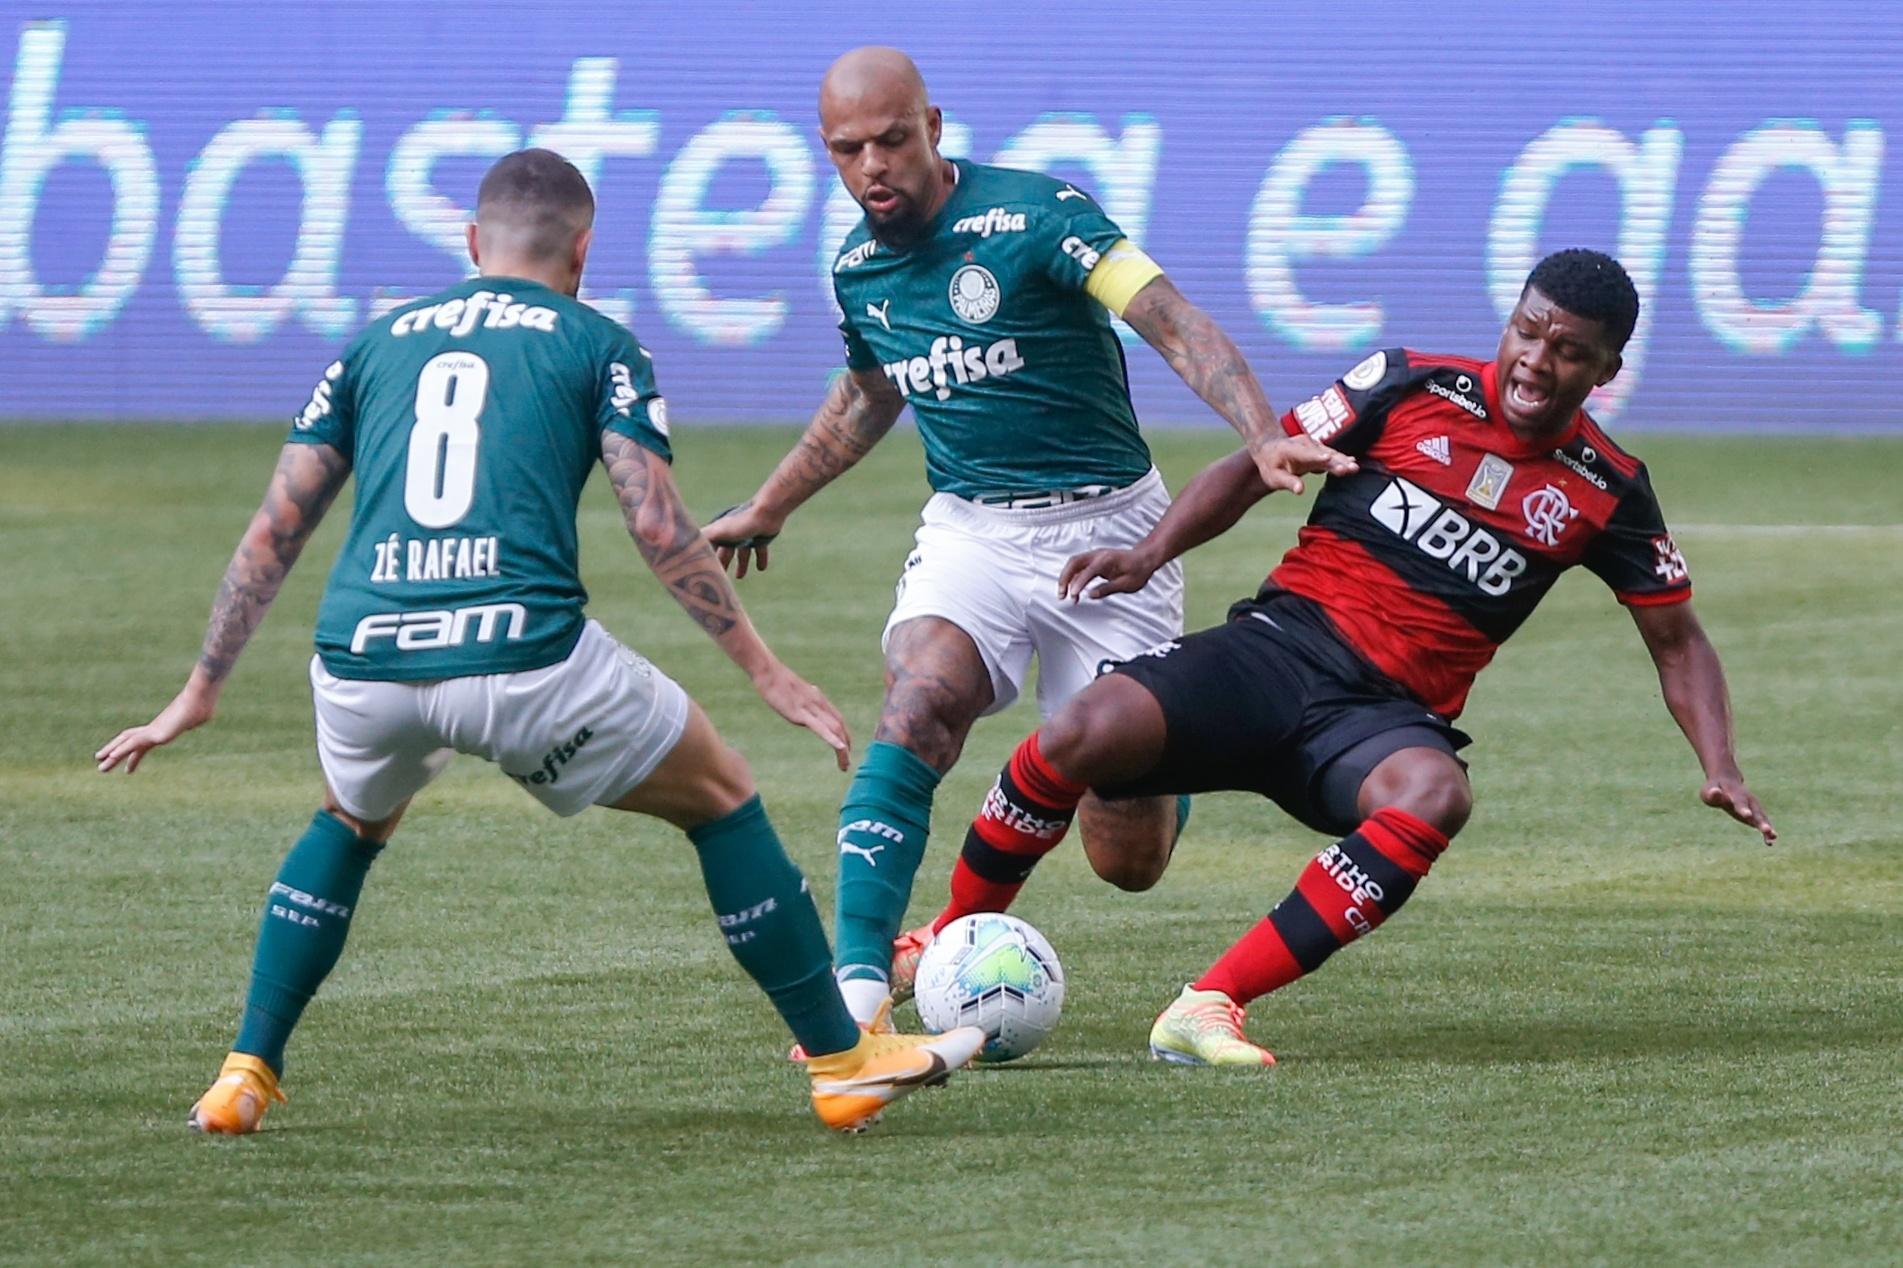 Palmeiras Sofre Com Fla Desfalcado E Fica No 1 A 1 Em Jogo Da Discordia 27 09 2020 Uol Esporte